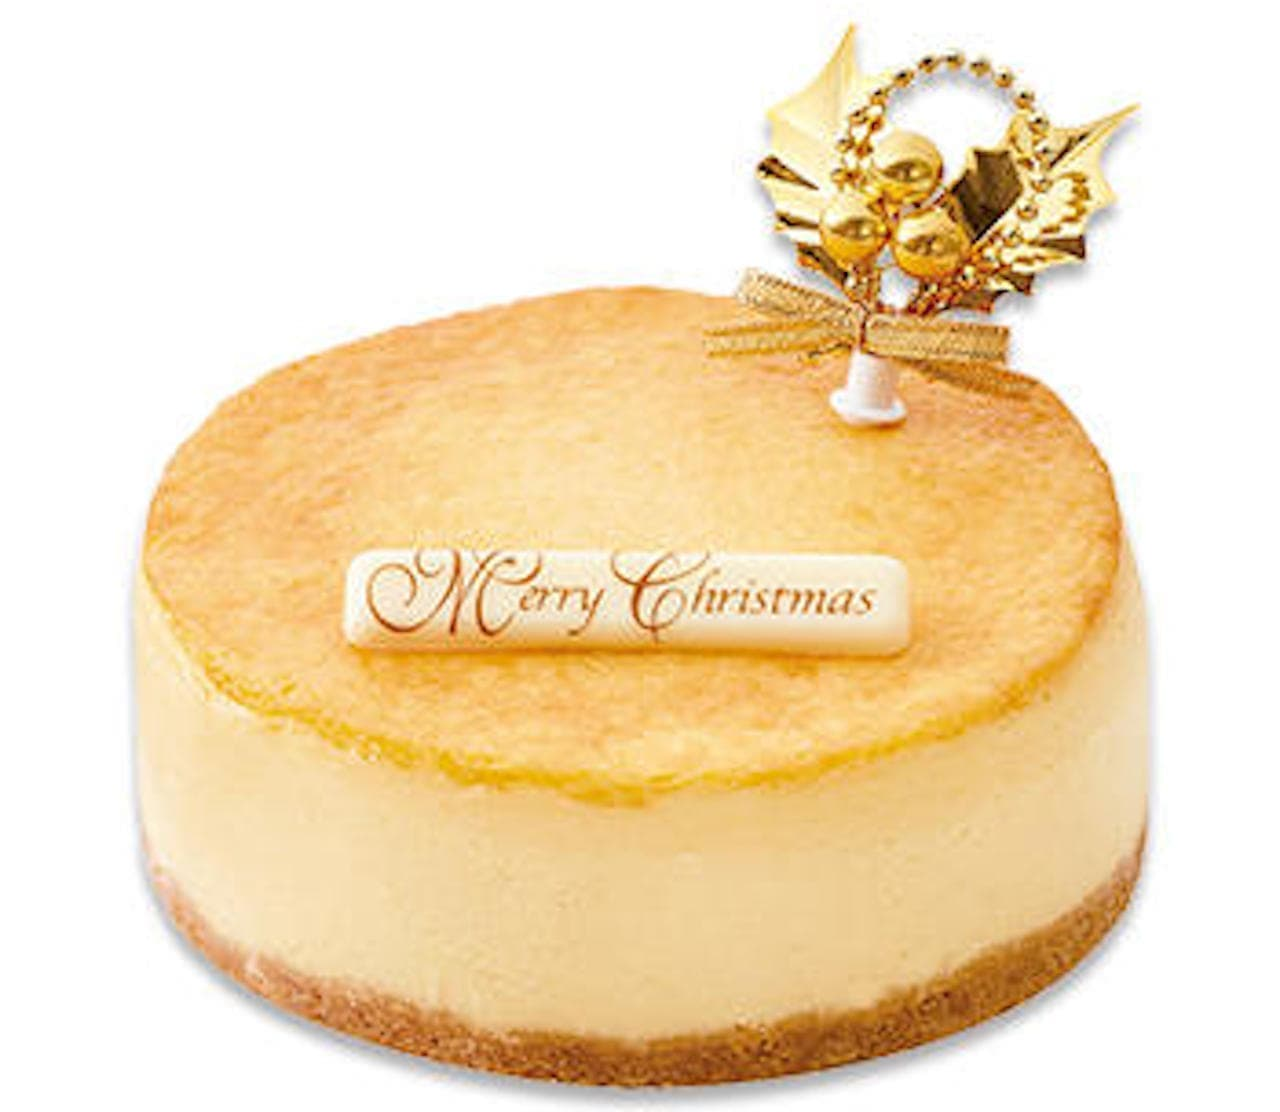 シャトレーゼ「クリスマス濃厚ベイクドチーズケーキ」